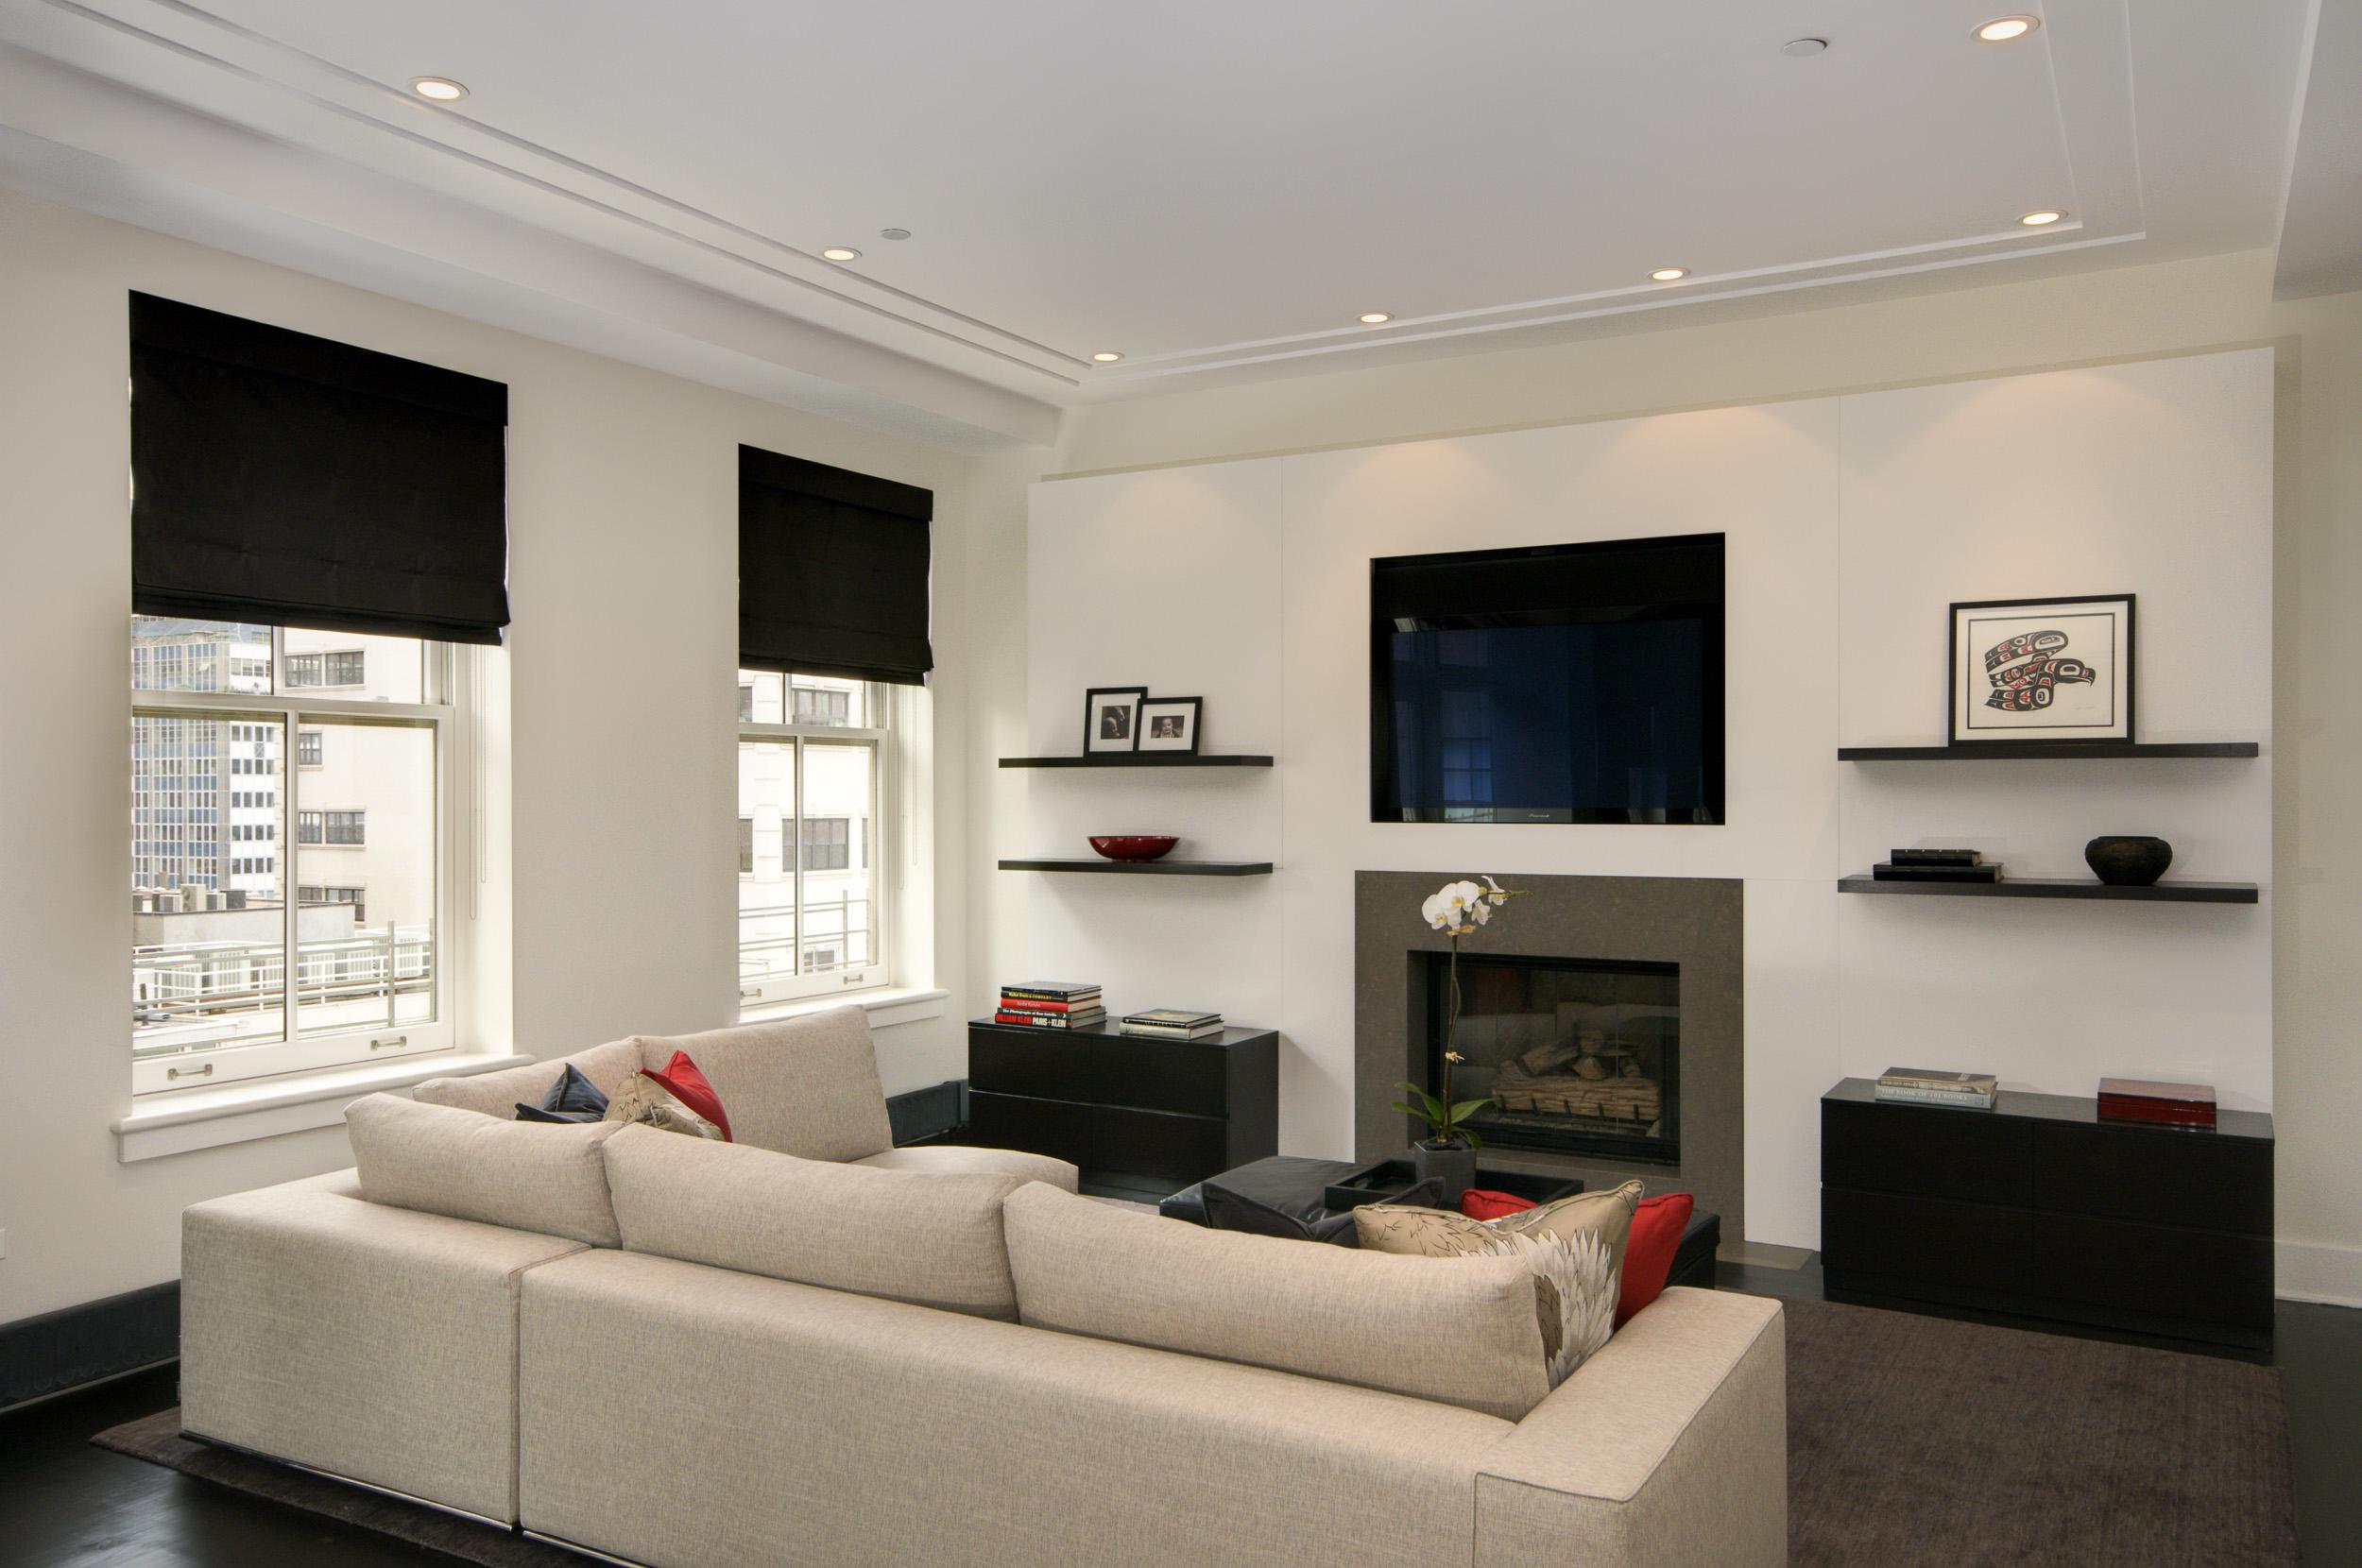 Loft-Interior-White-Img0256 Exposure Blending.jpg